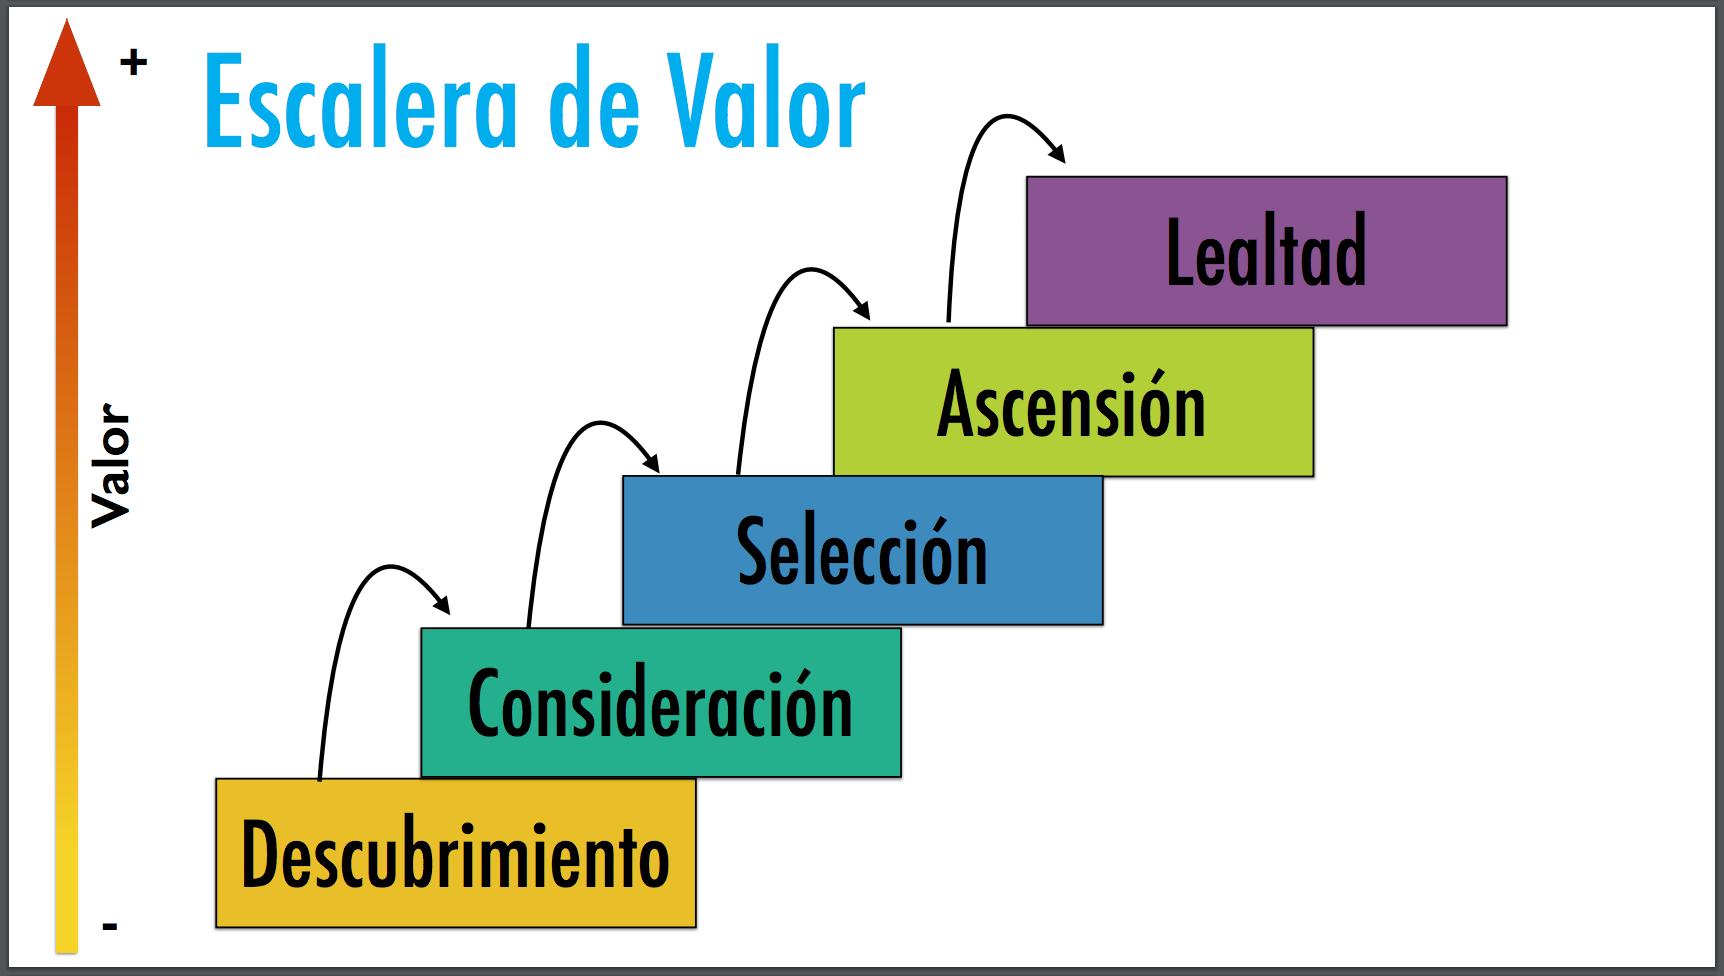 Escalera de valor o Ciclo de compra del cliente